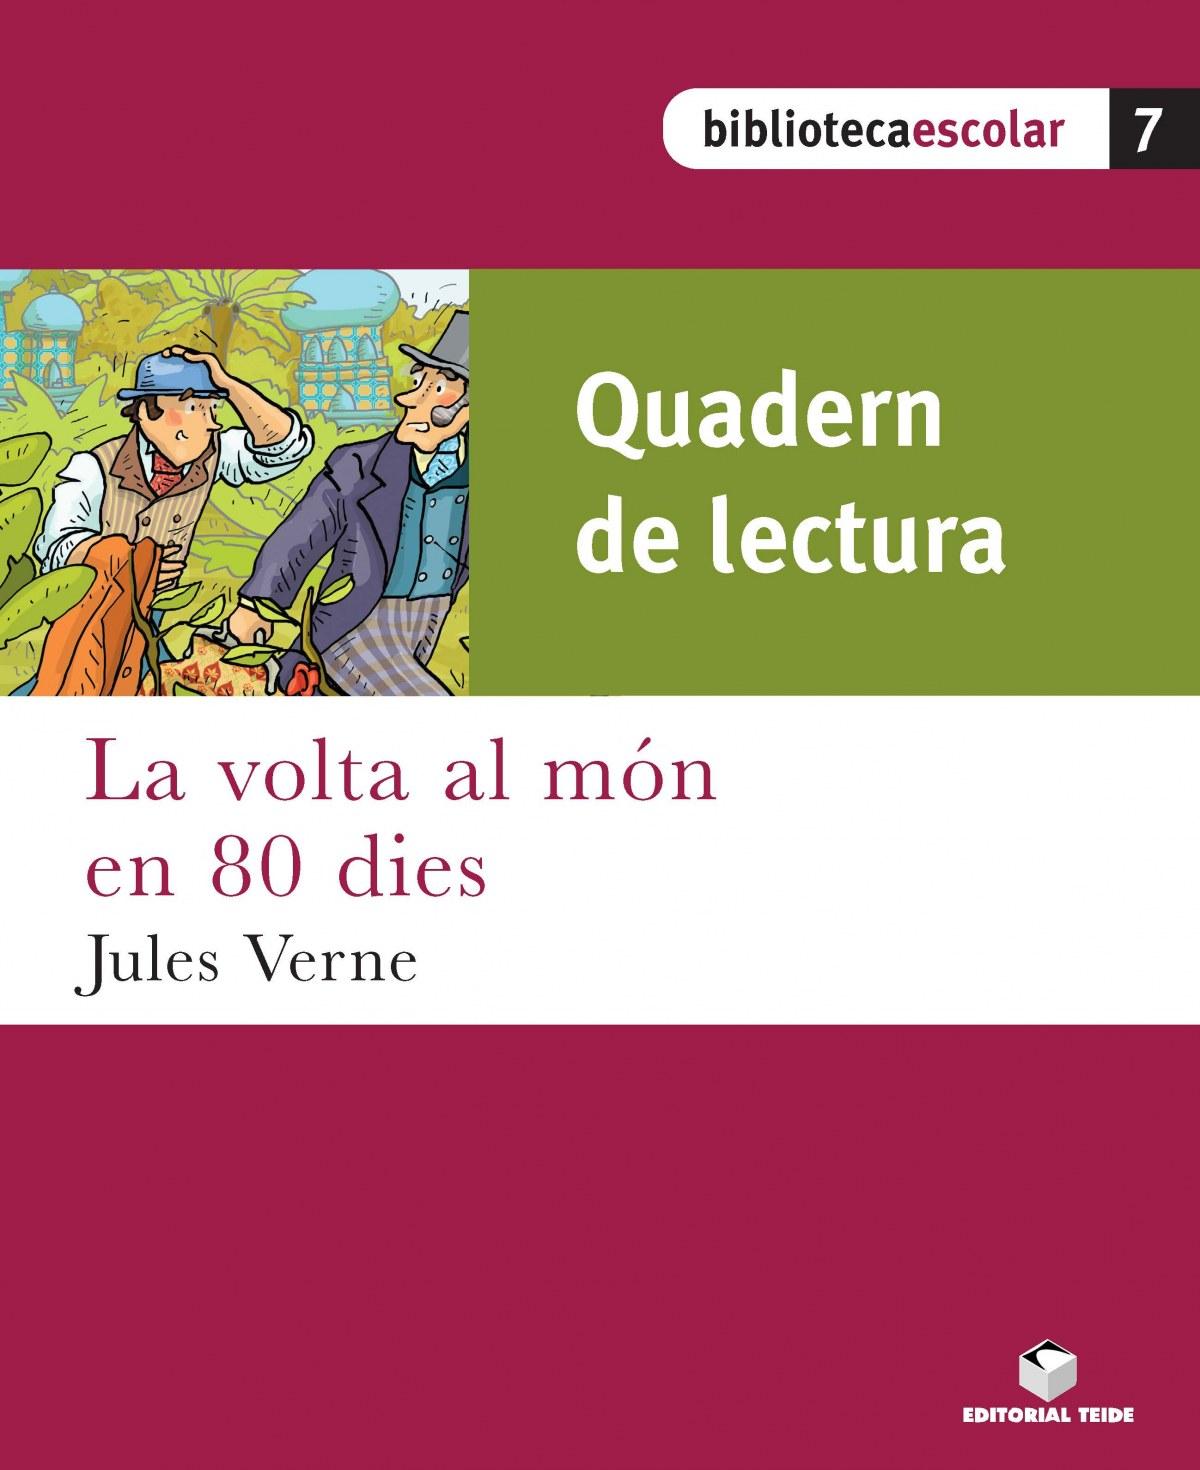 QUADERN VOLTA AL MON EN 80 DIES